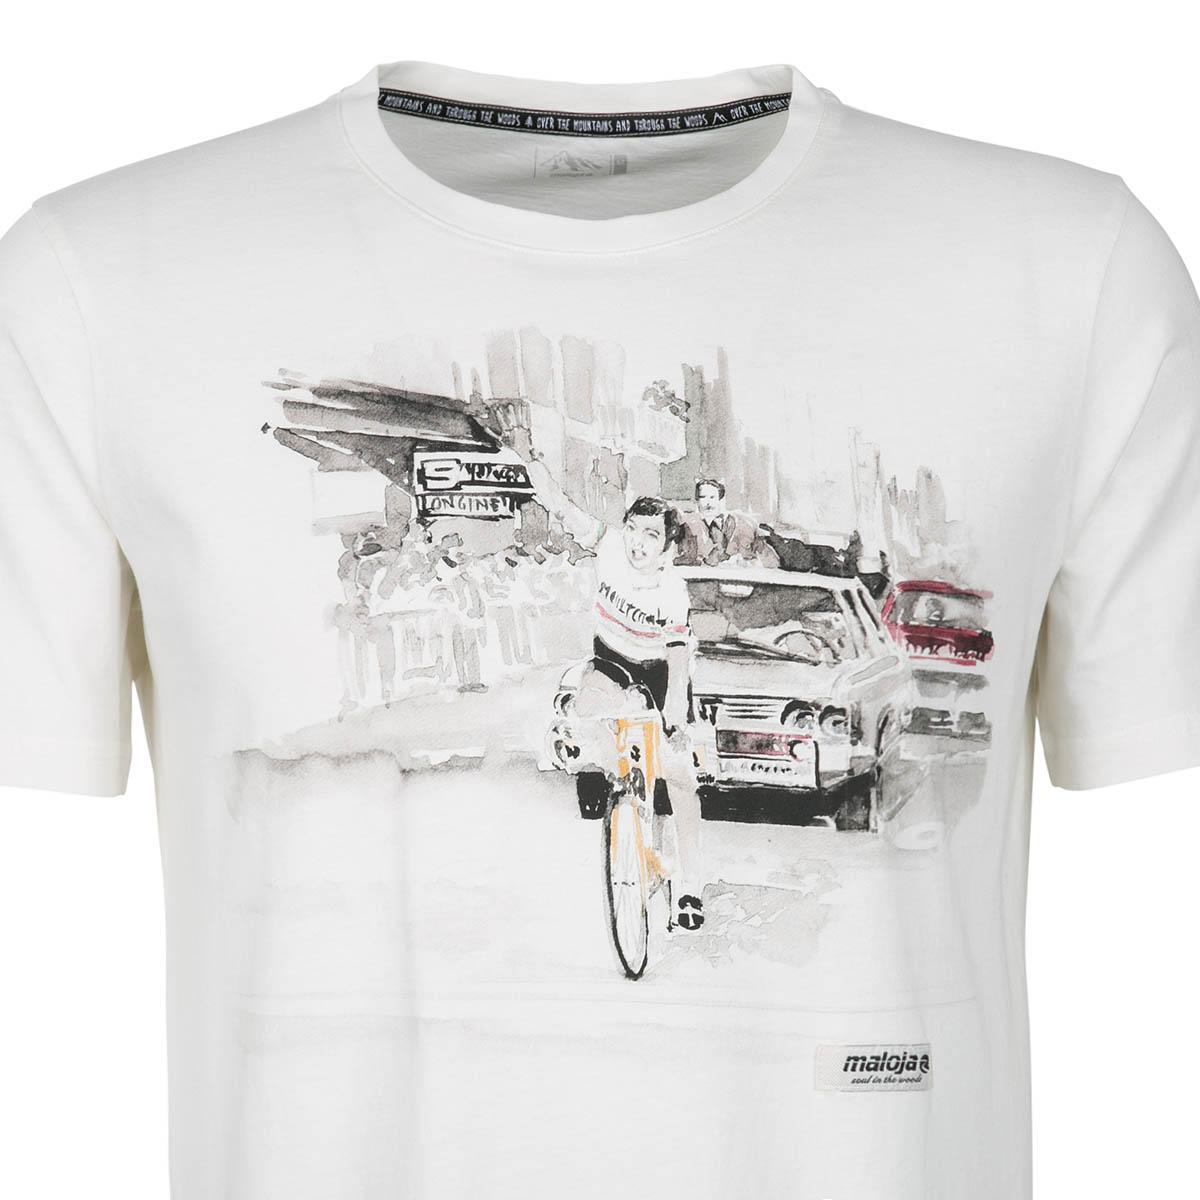 Maloja T-shirt T-shirt T-shirt peiderm. VINTAGE bianca  112087